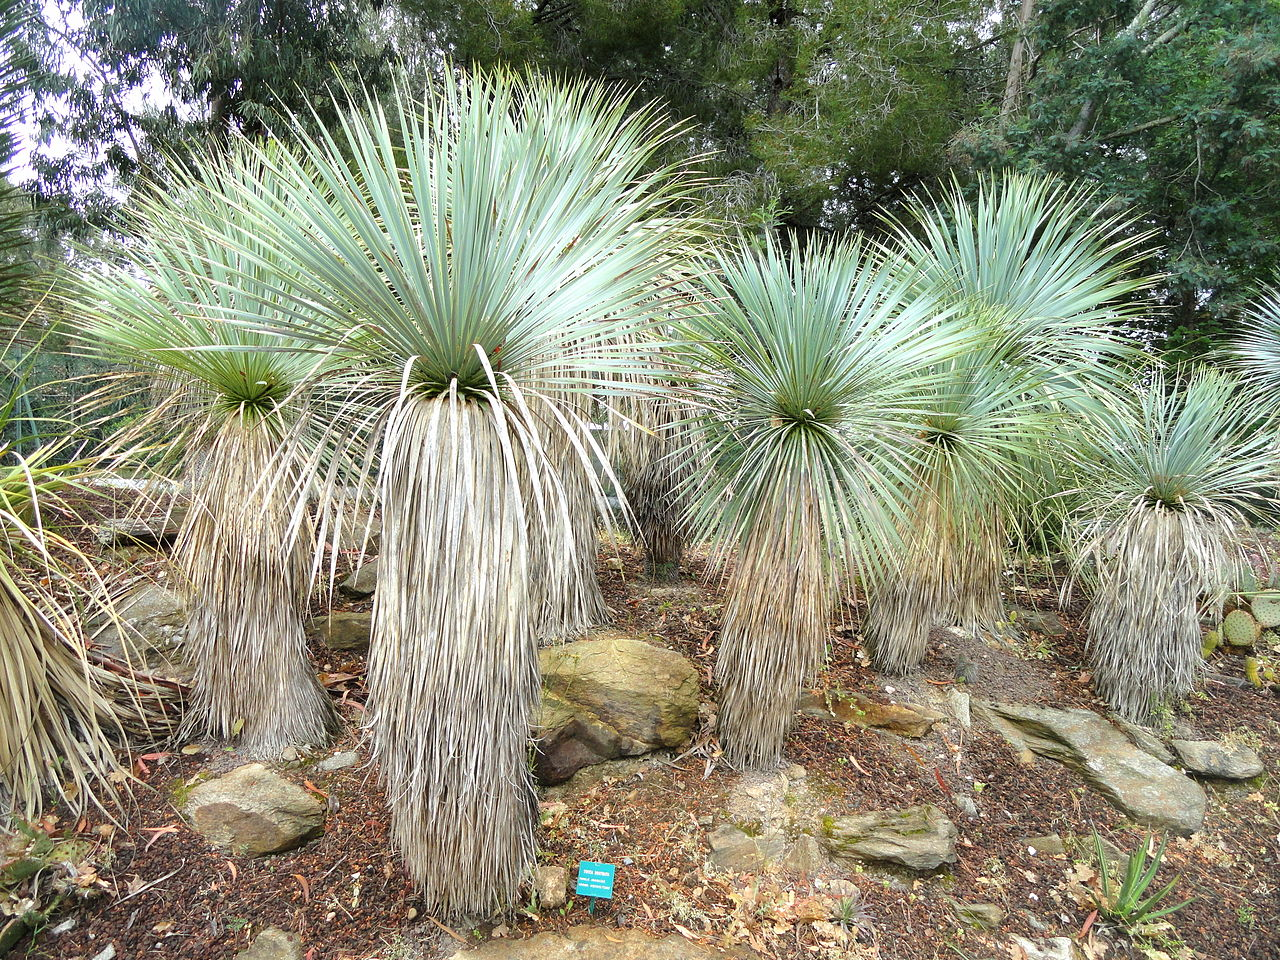 Vista de la Yucca rostrata en grupo